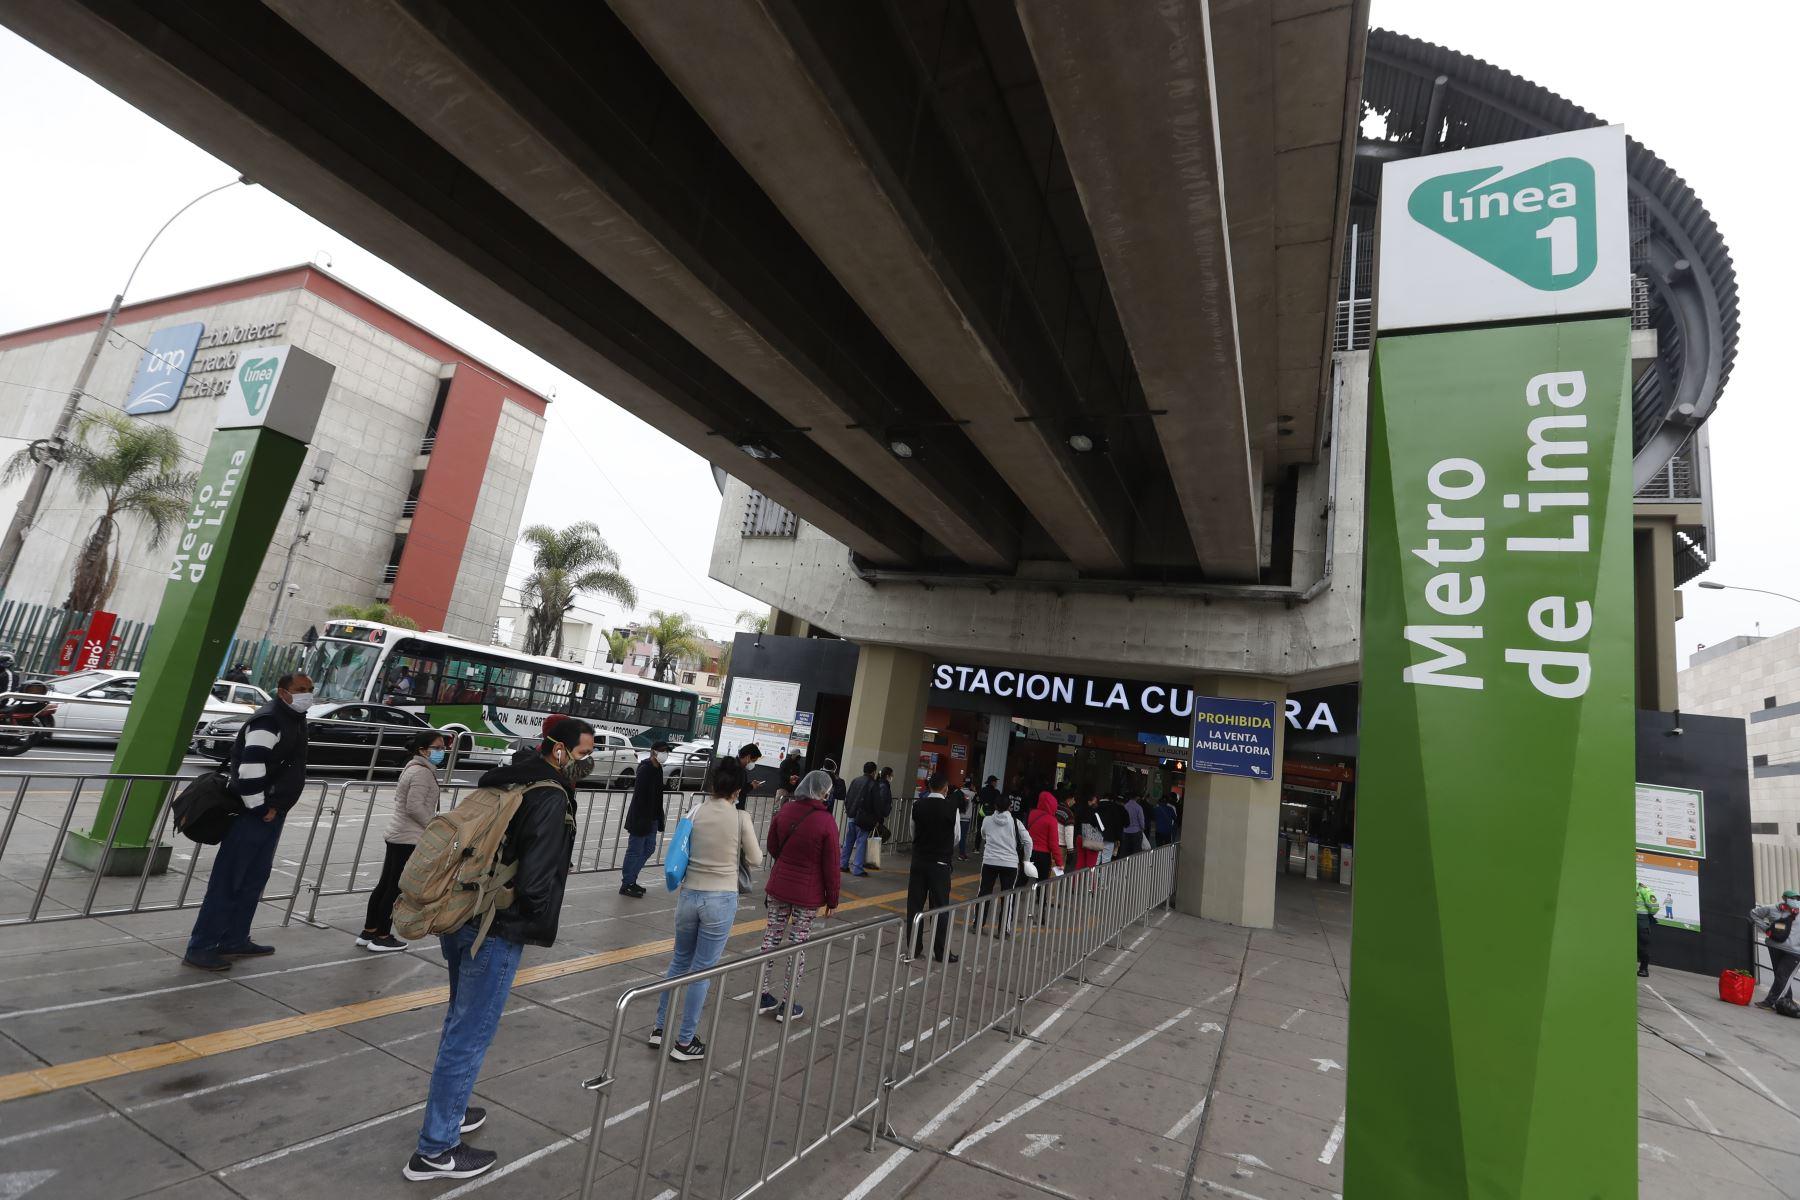 Ciudadanos acuden a sus centros de labores en el segundo día de culminada la cuarentena, muchos acuden a la estación Línea 1 del Metro La Cultura cerca a la av. Javier Prado. Foto: ANDINA/Renato Pajuelo